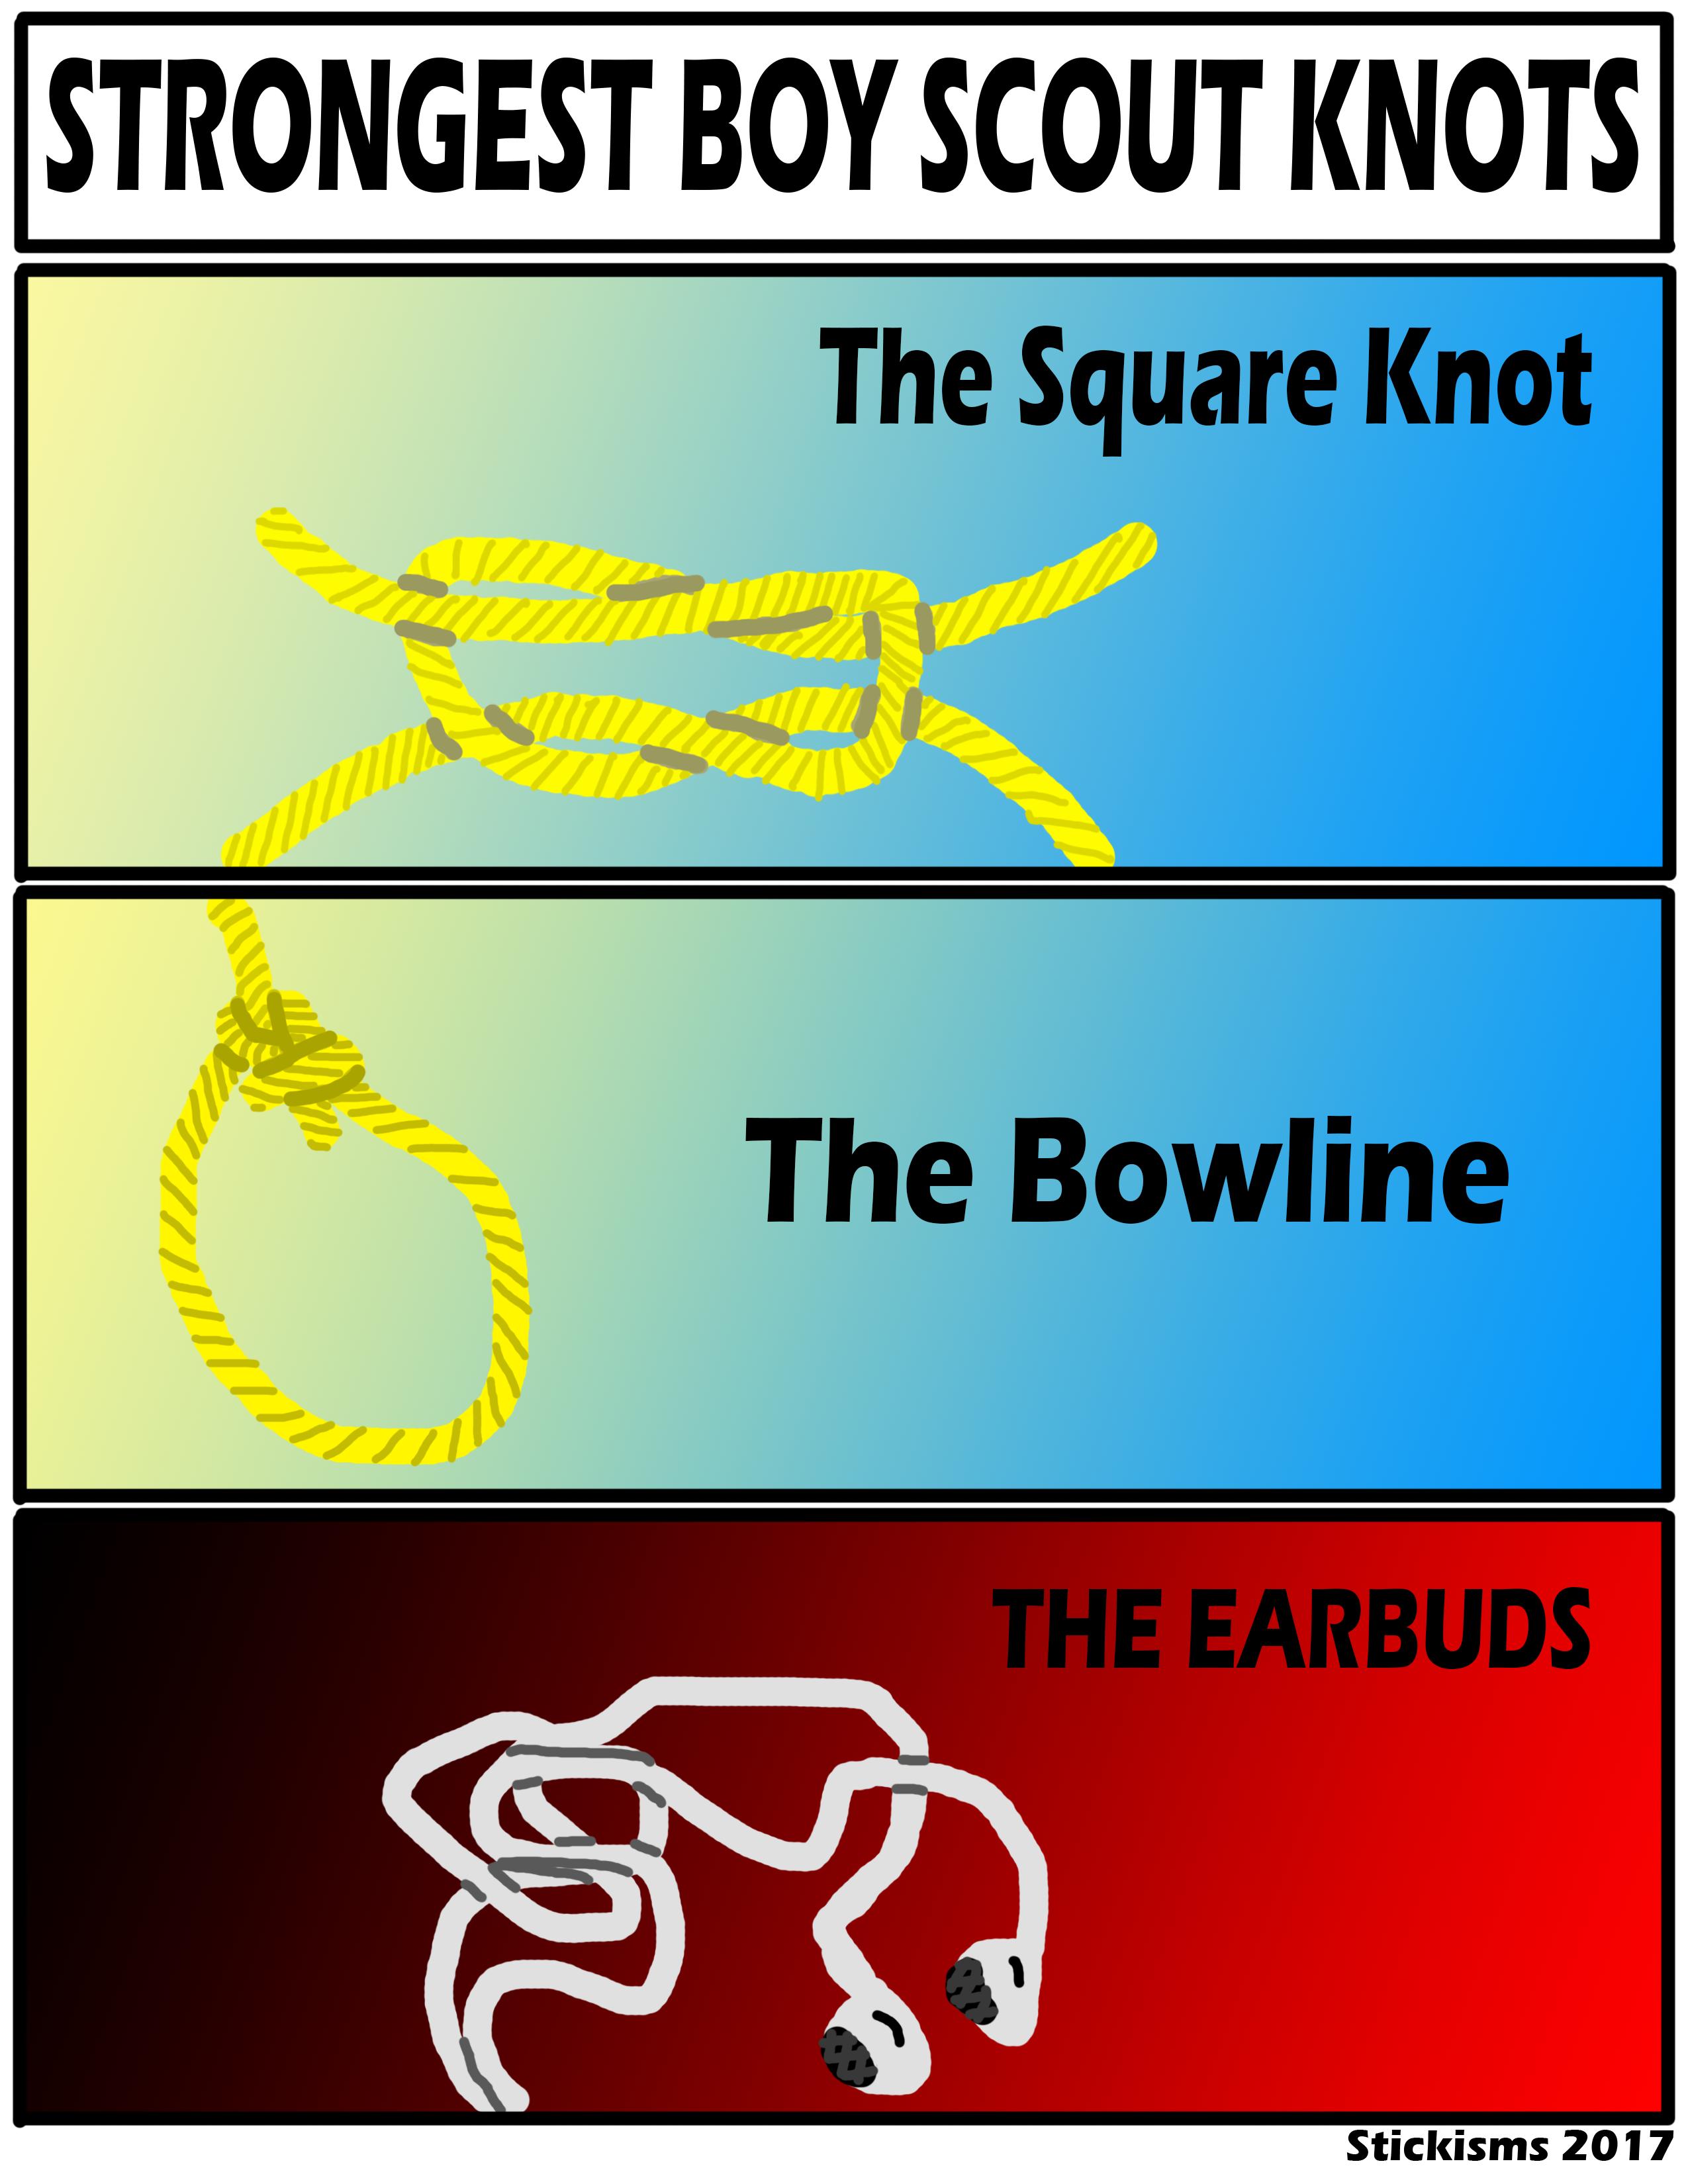 Strongboyscoutknots